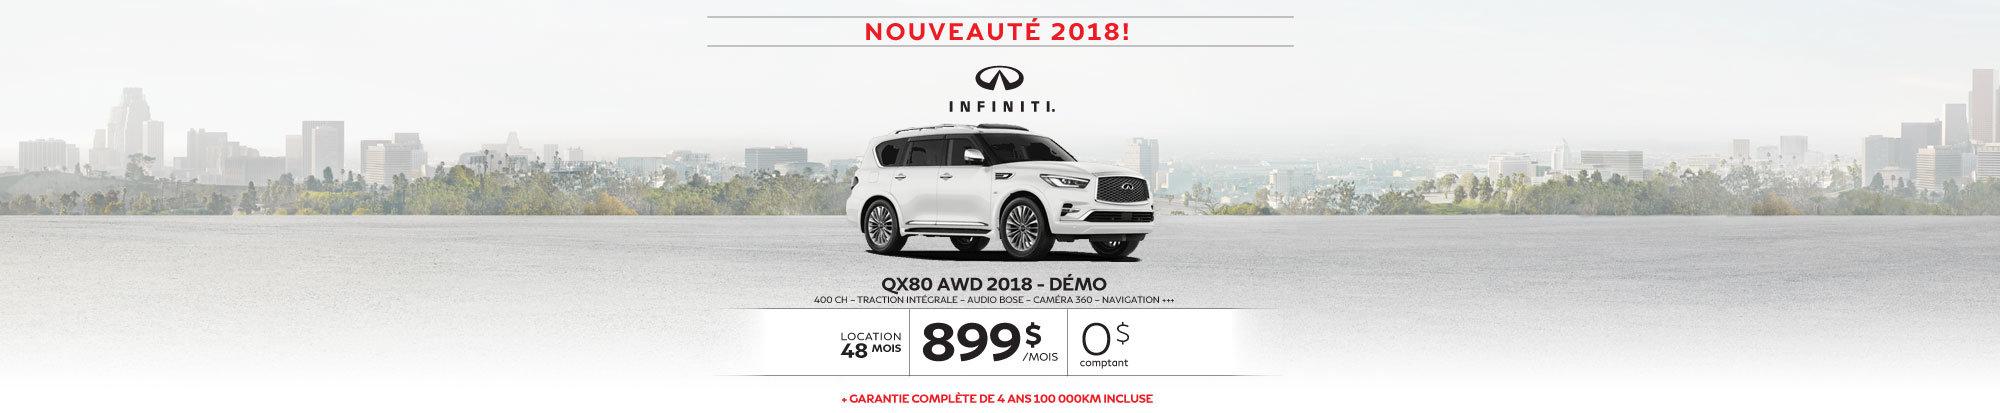 QX80 AWD 2018 démo web